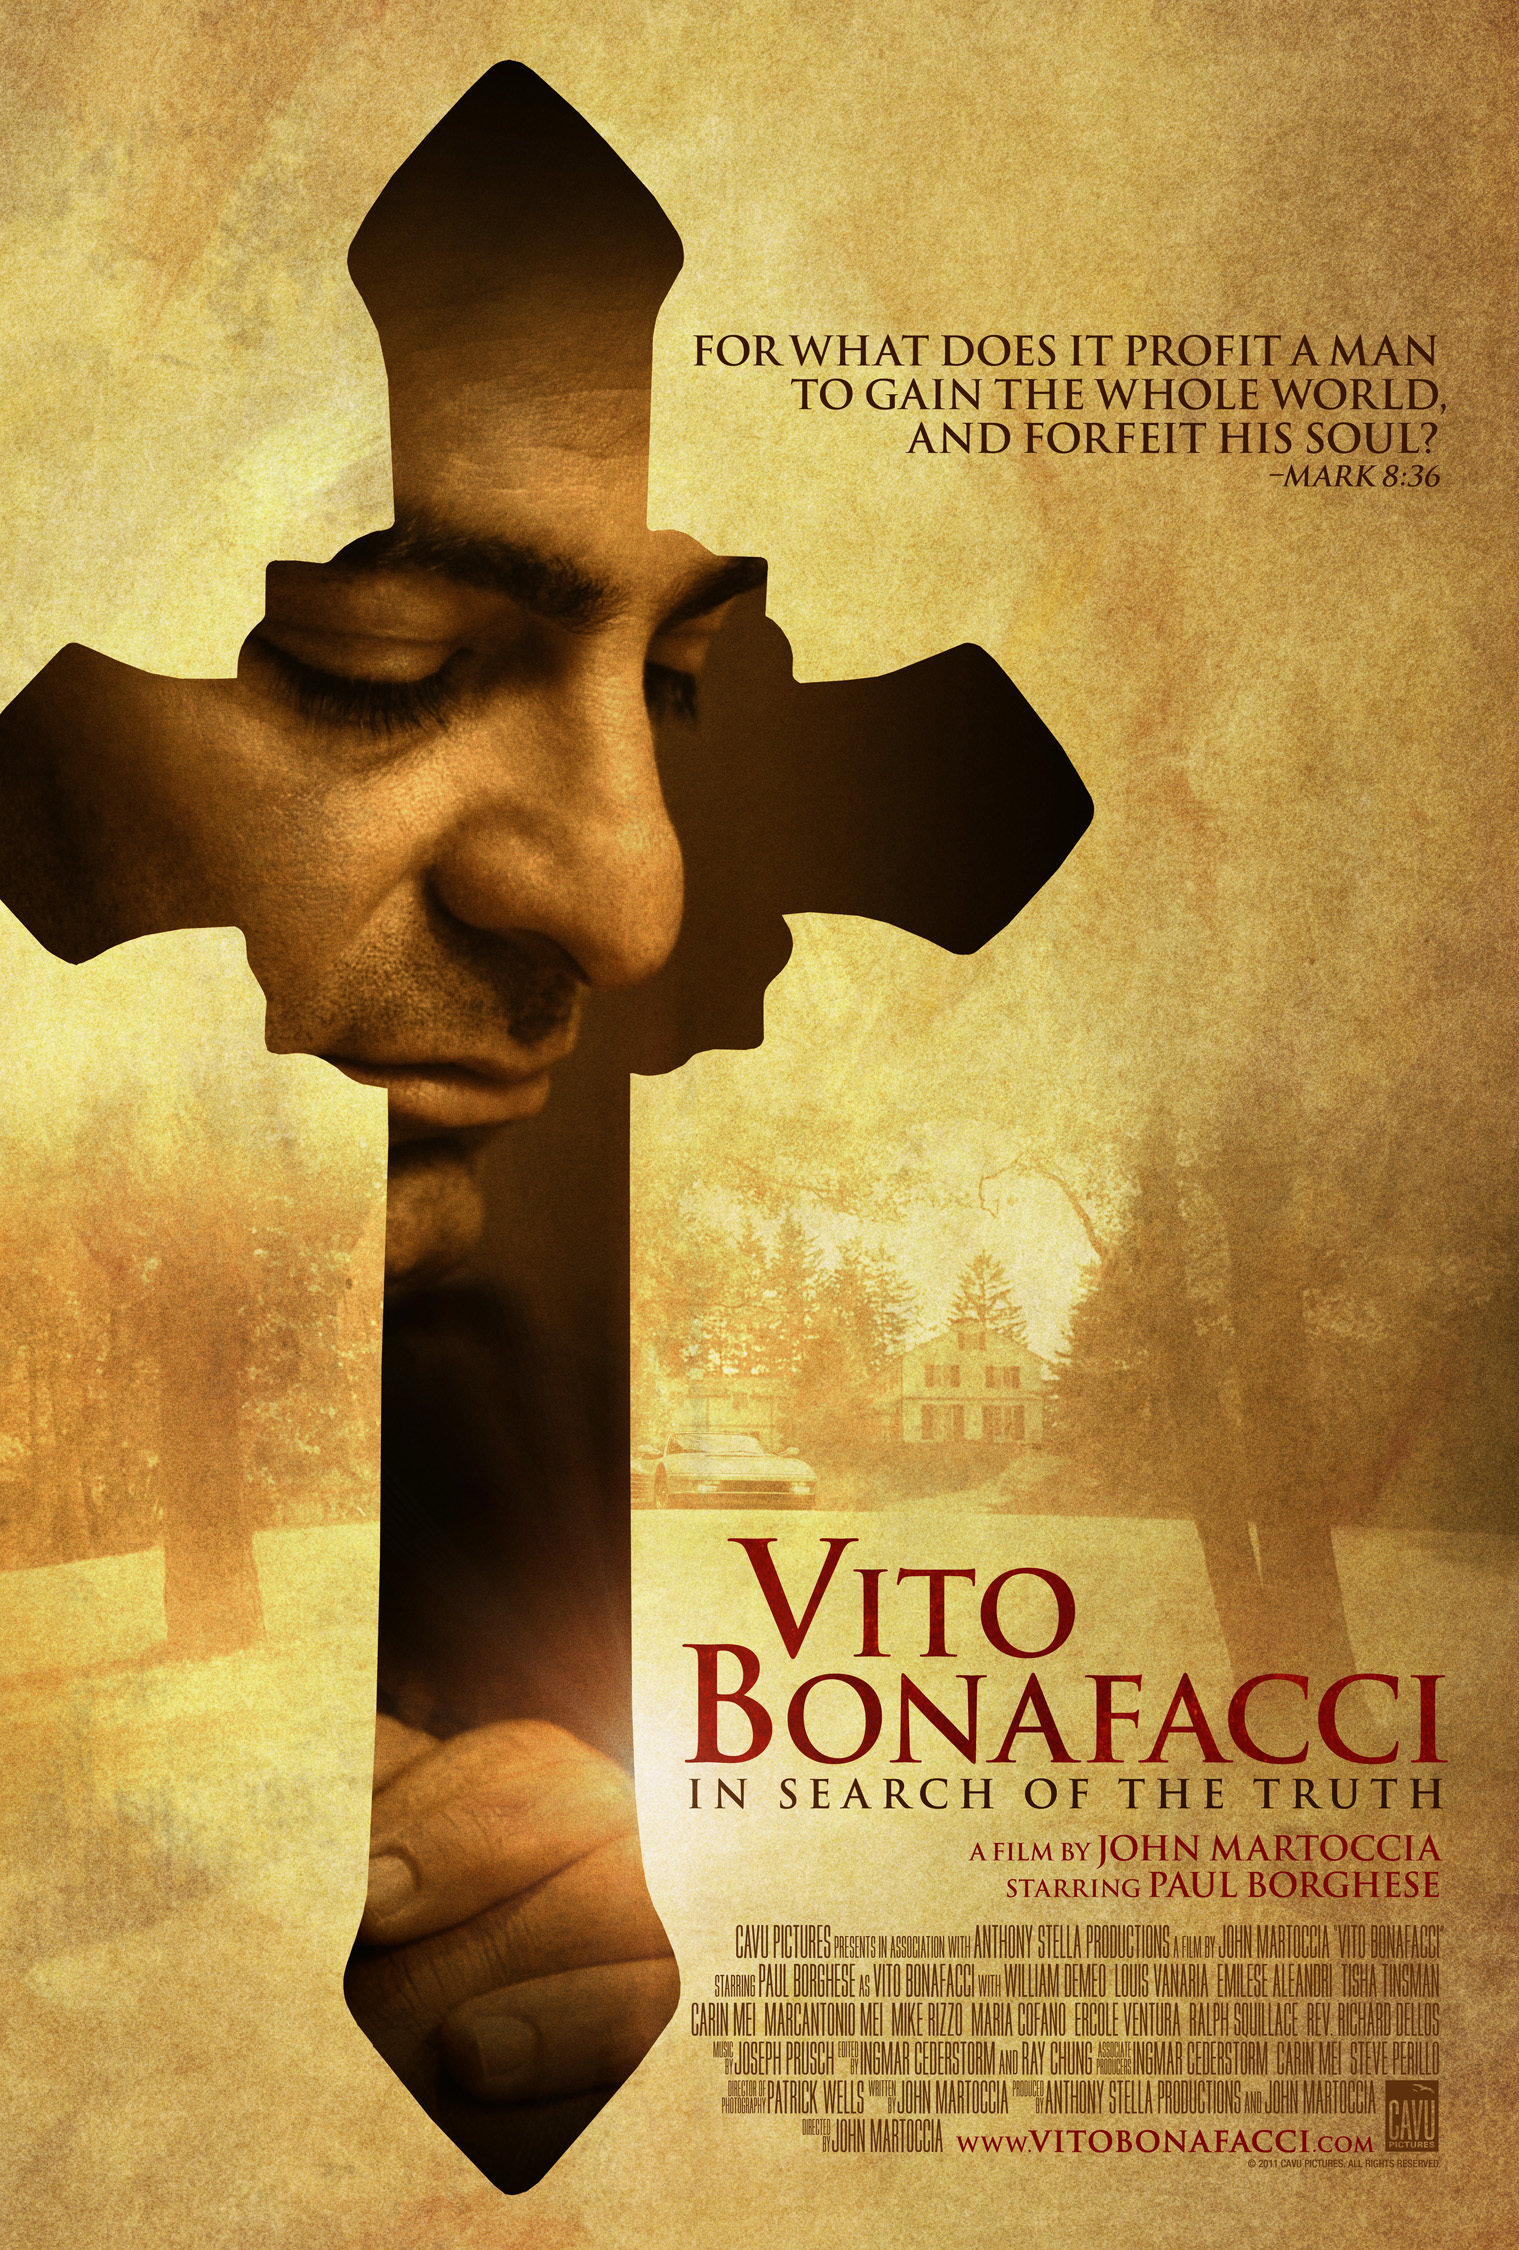 VitoBonafacciMovieBox.jpg